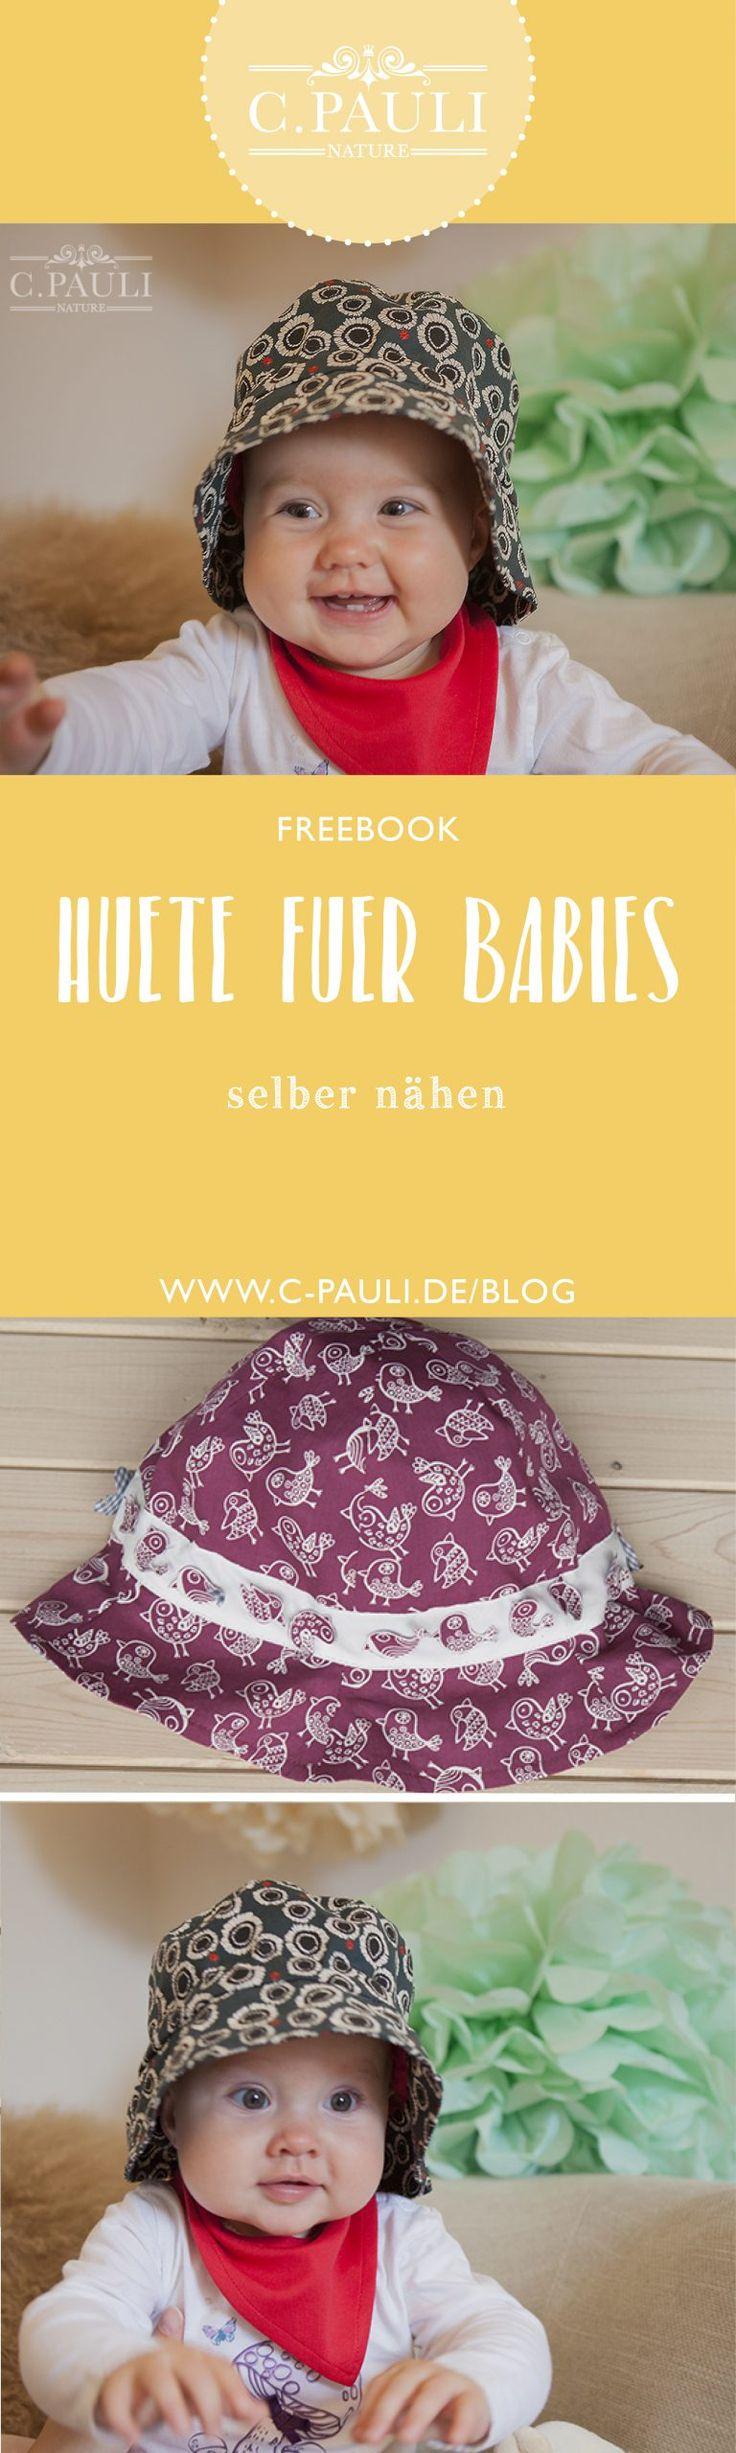 131 best Hüte und Mützen images on Pinterest | Schnittmuster, Beanie ...